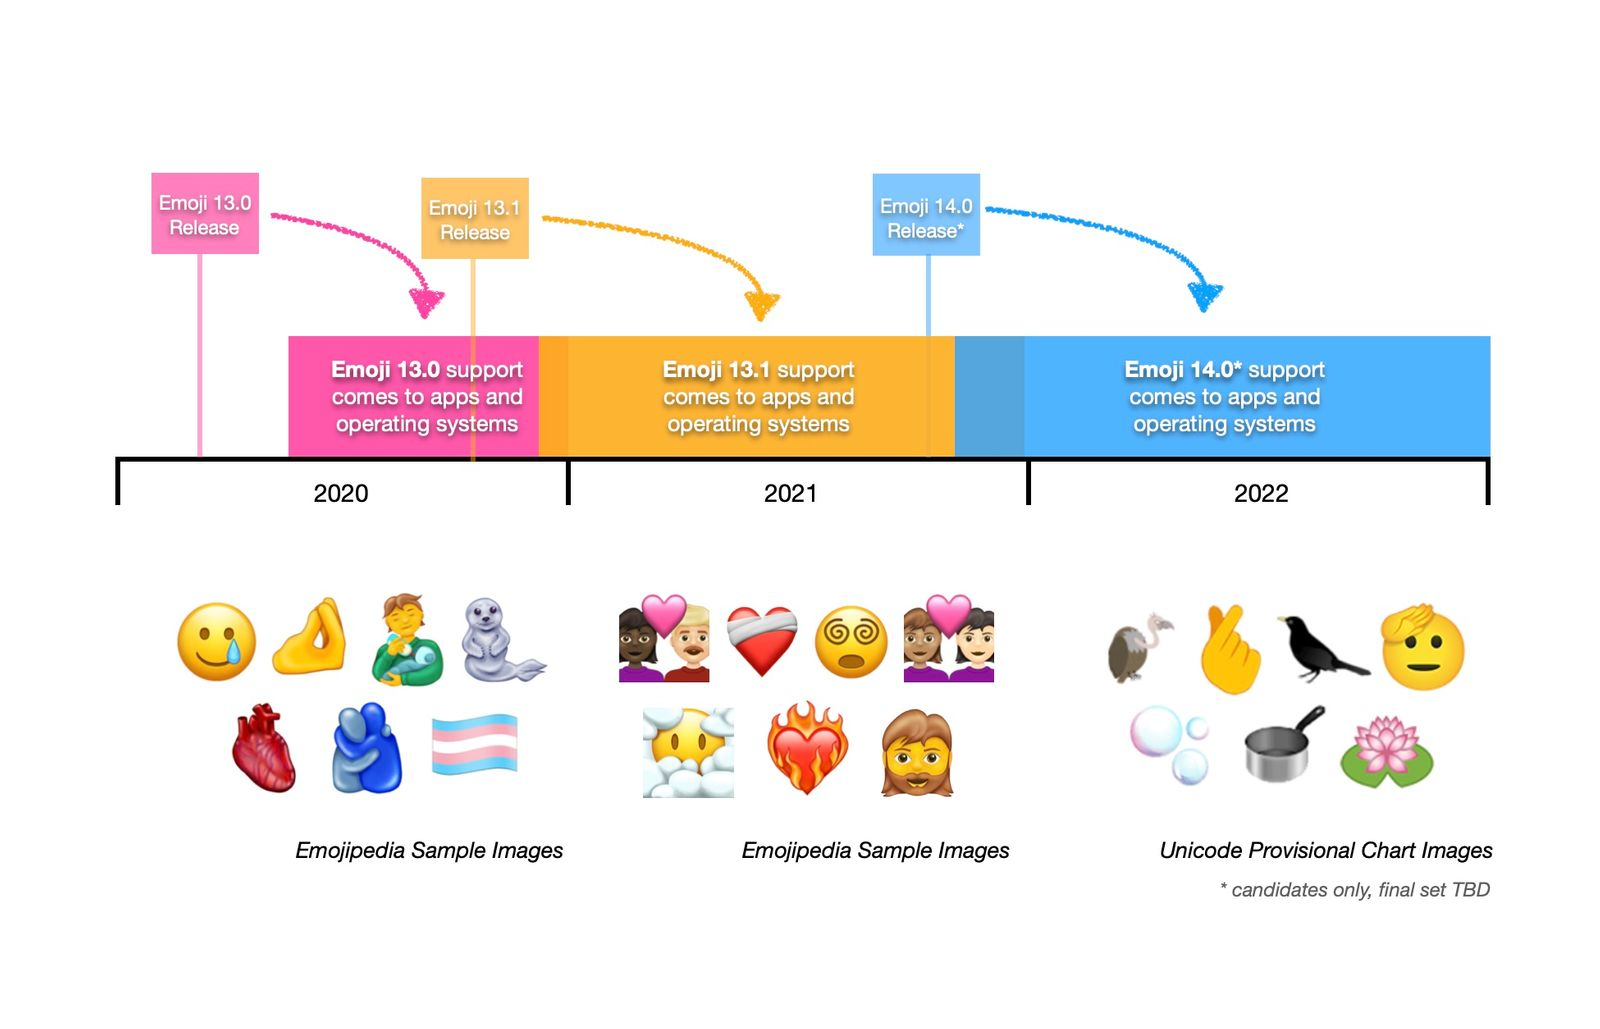 Hora de llegada de nuevos emojis